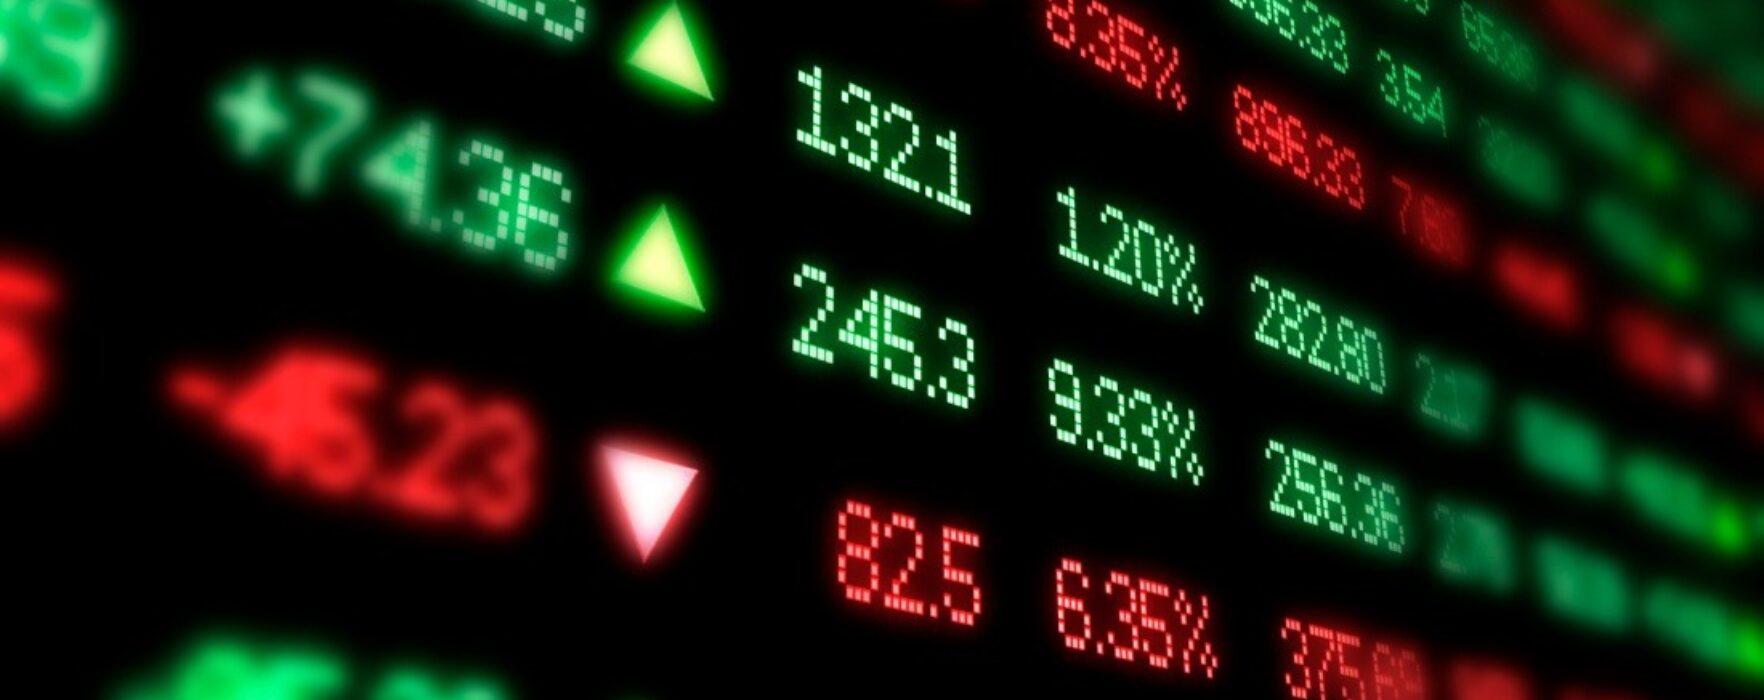 Toţi indicii bursieri înregistrau scăderi marţi, la deschiderea pieţei